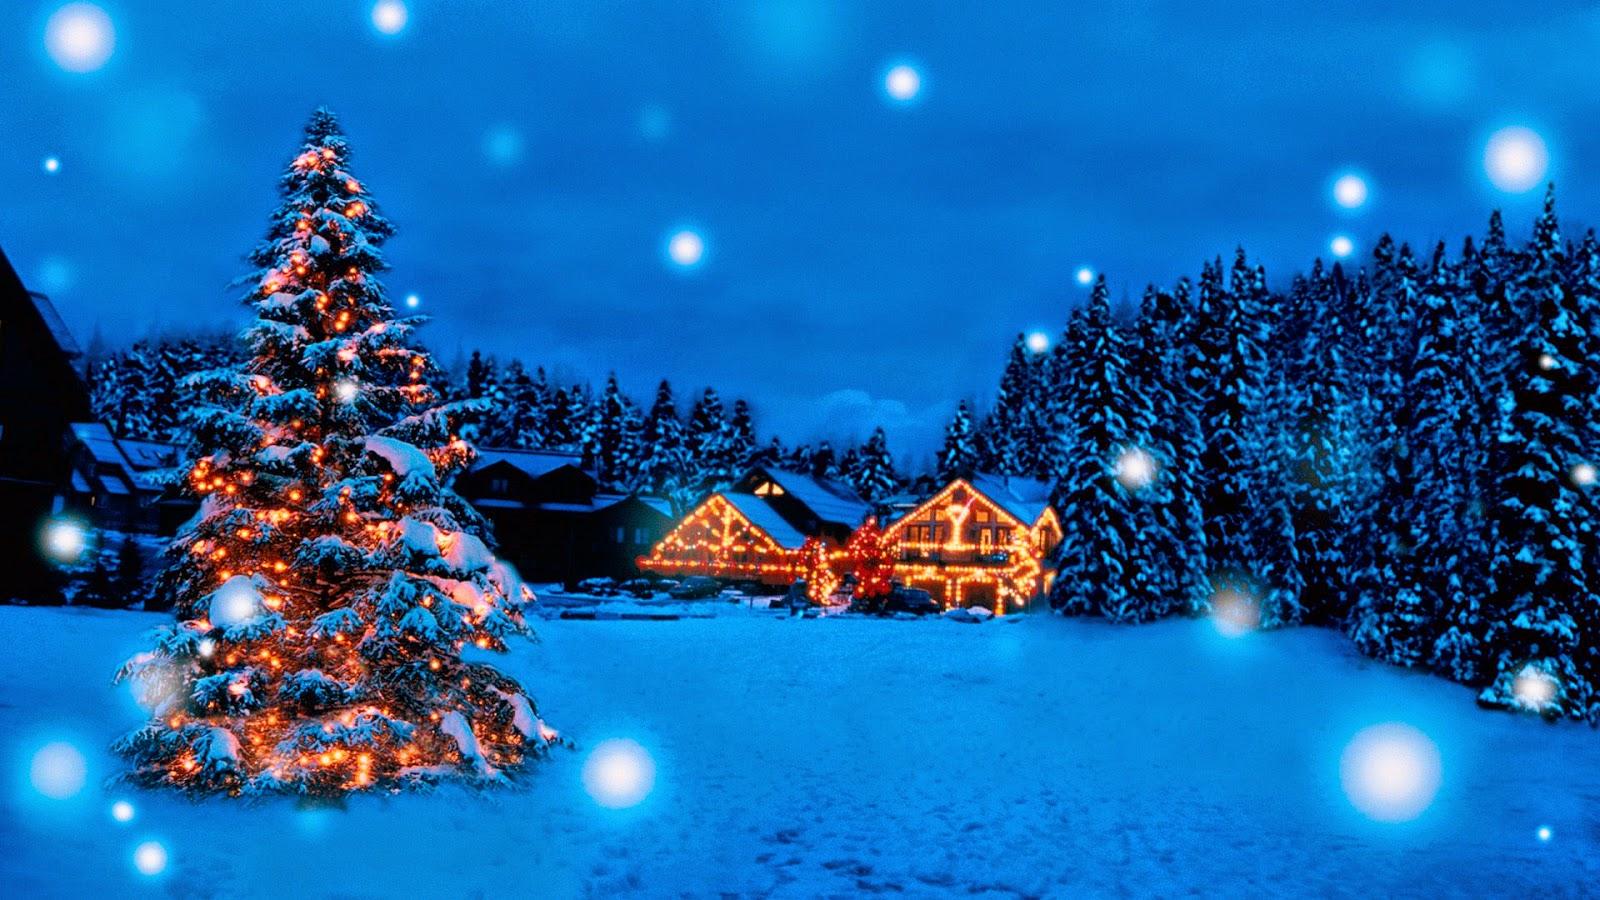 Christmas Wallp...